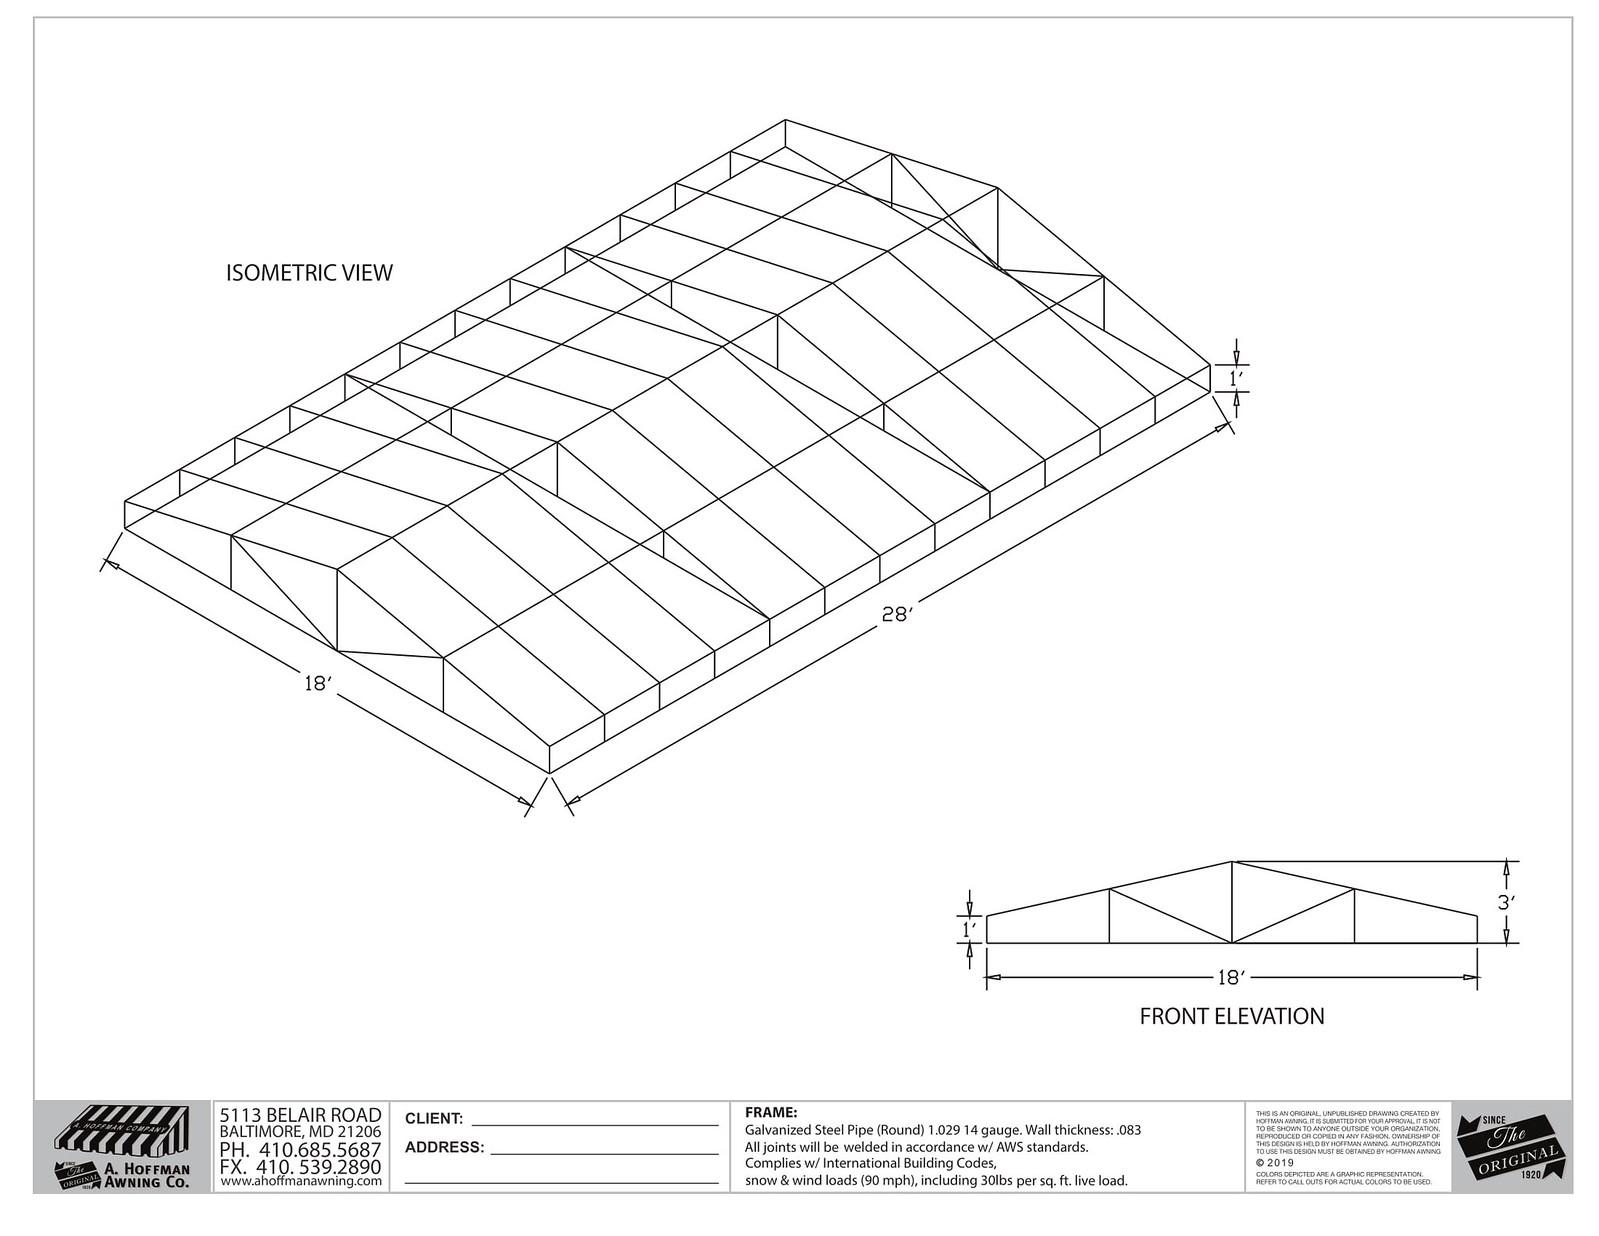 Cad Awning Design - Hoffman Awning